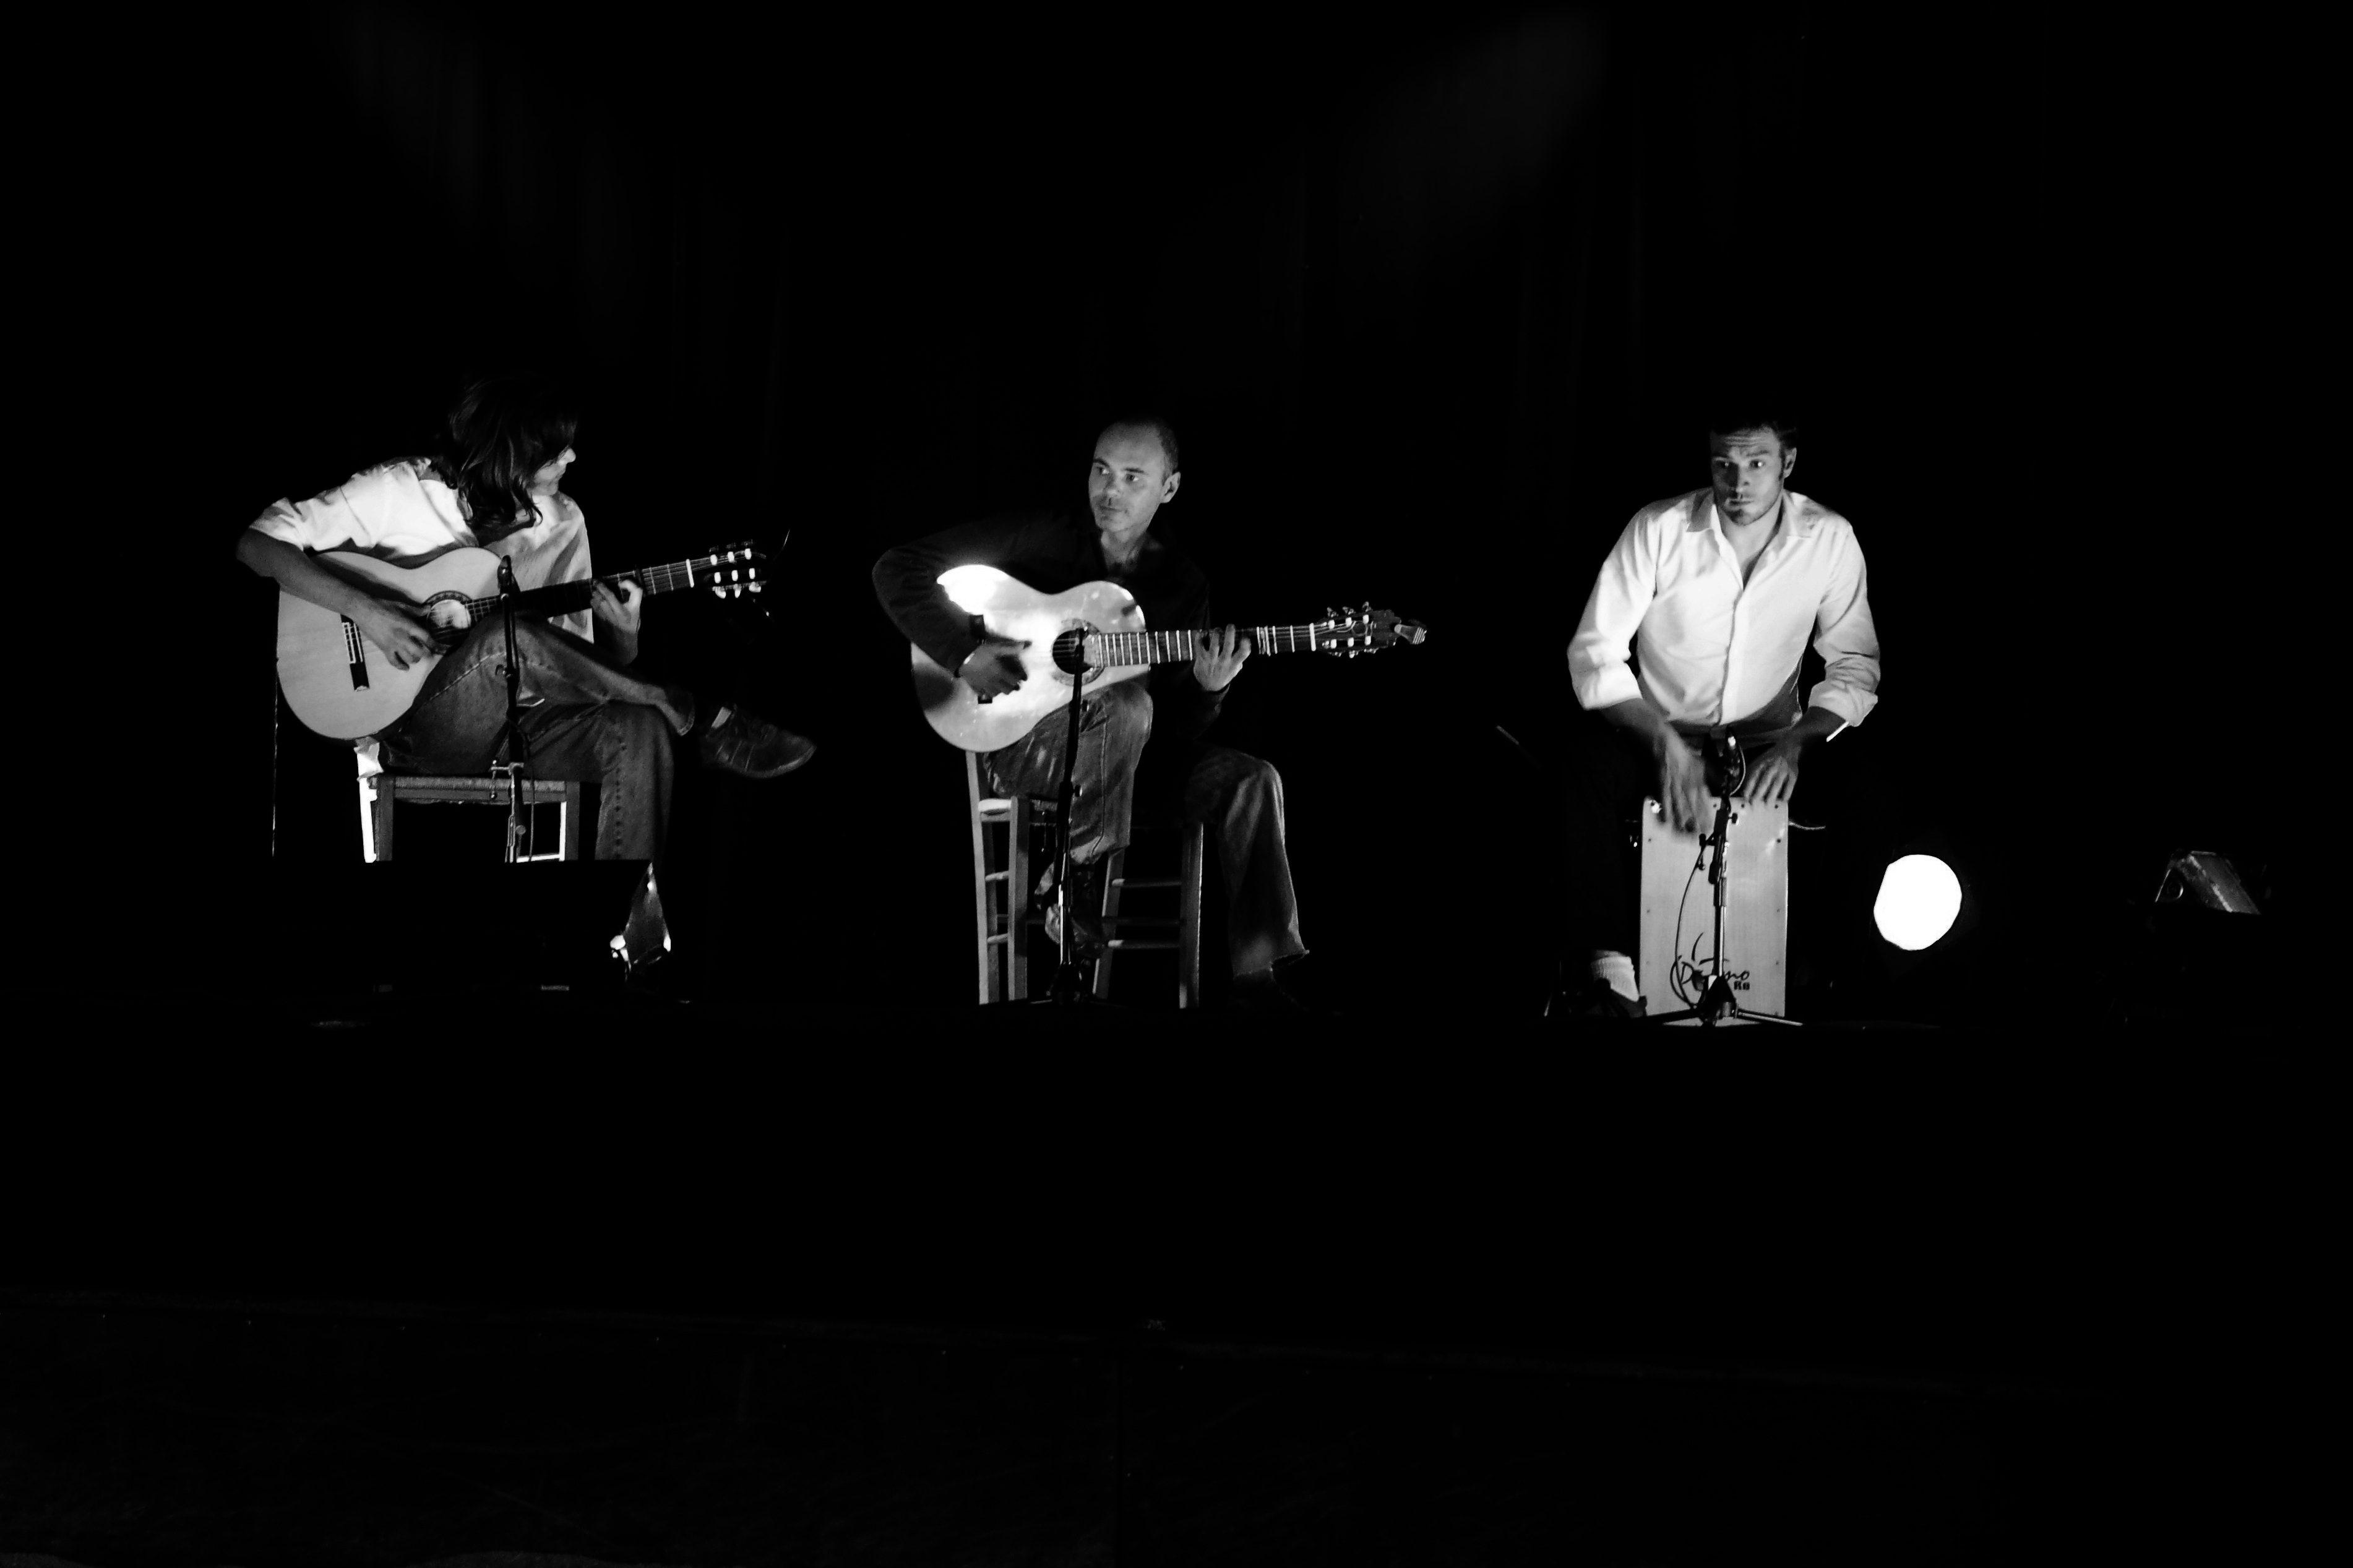 Carriera Flamenca Live<br>Trio Flamenco instrumental